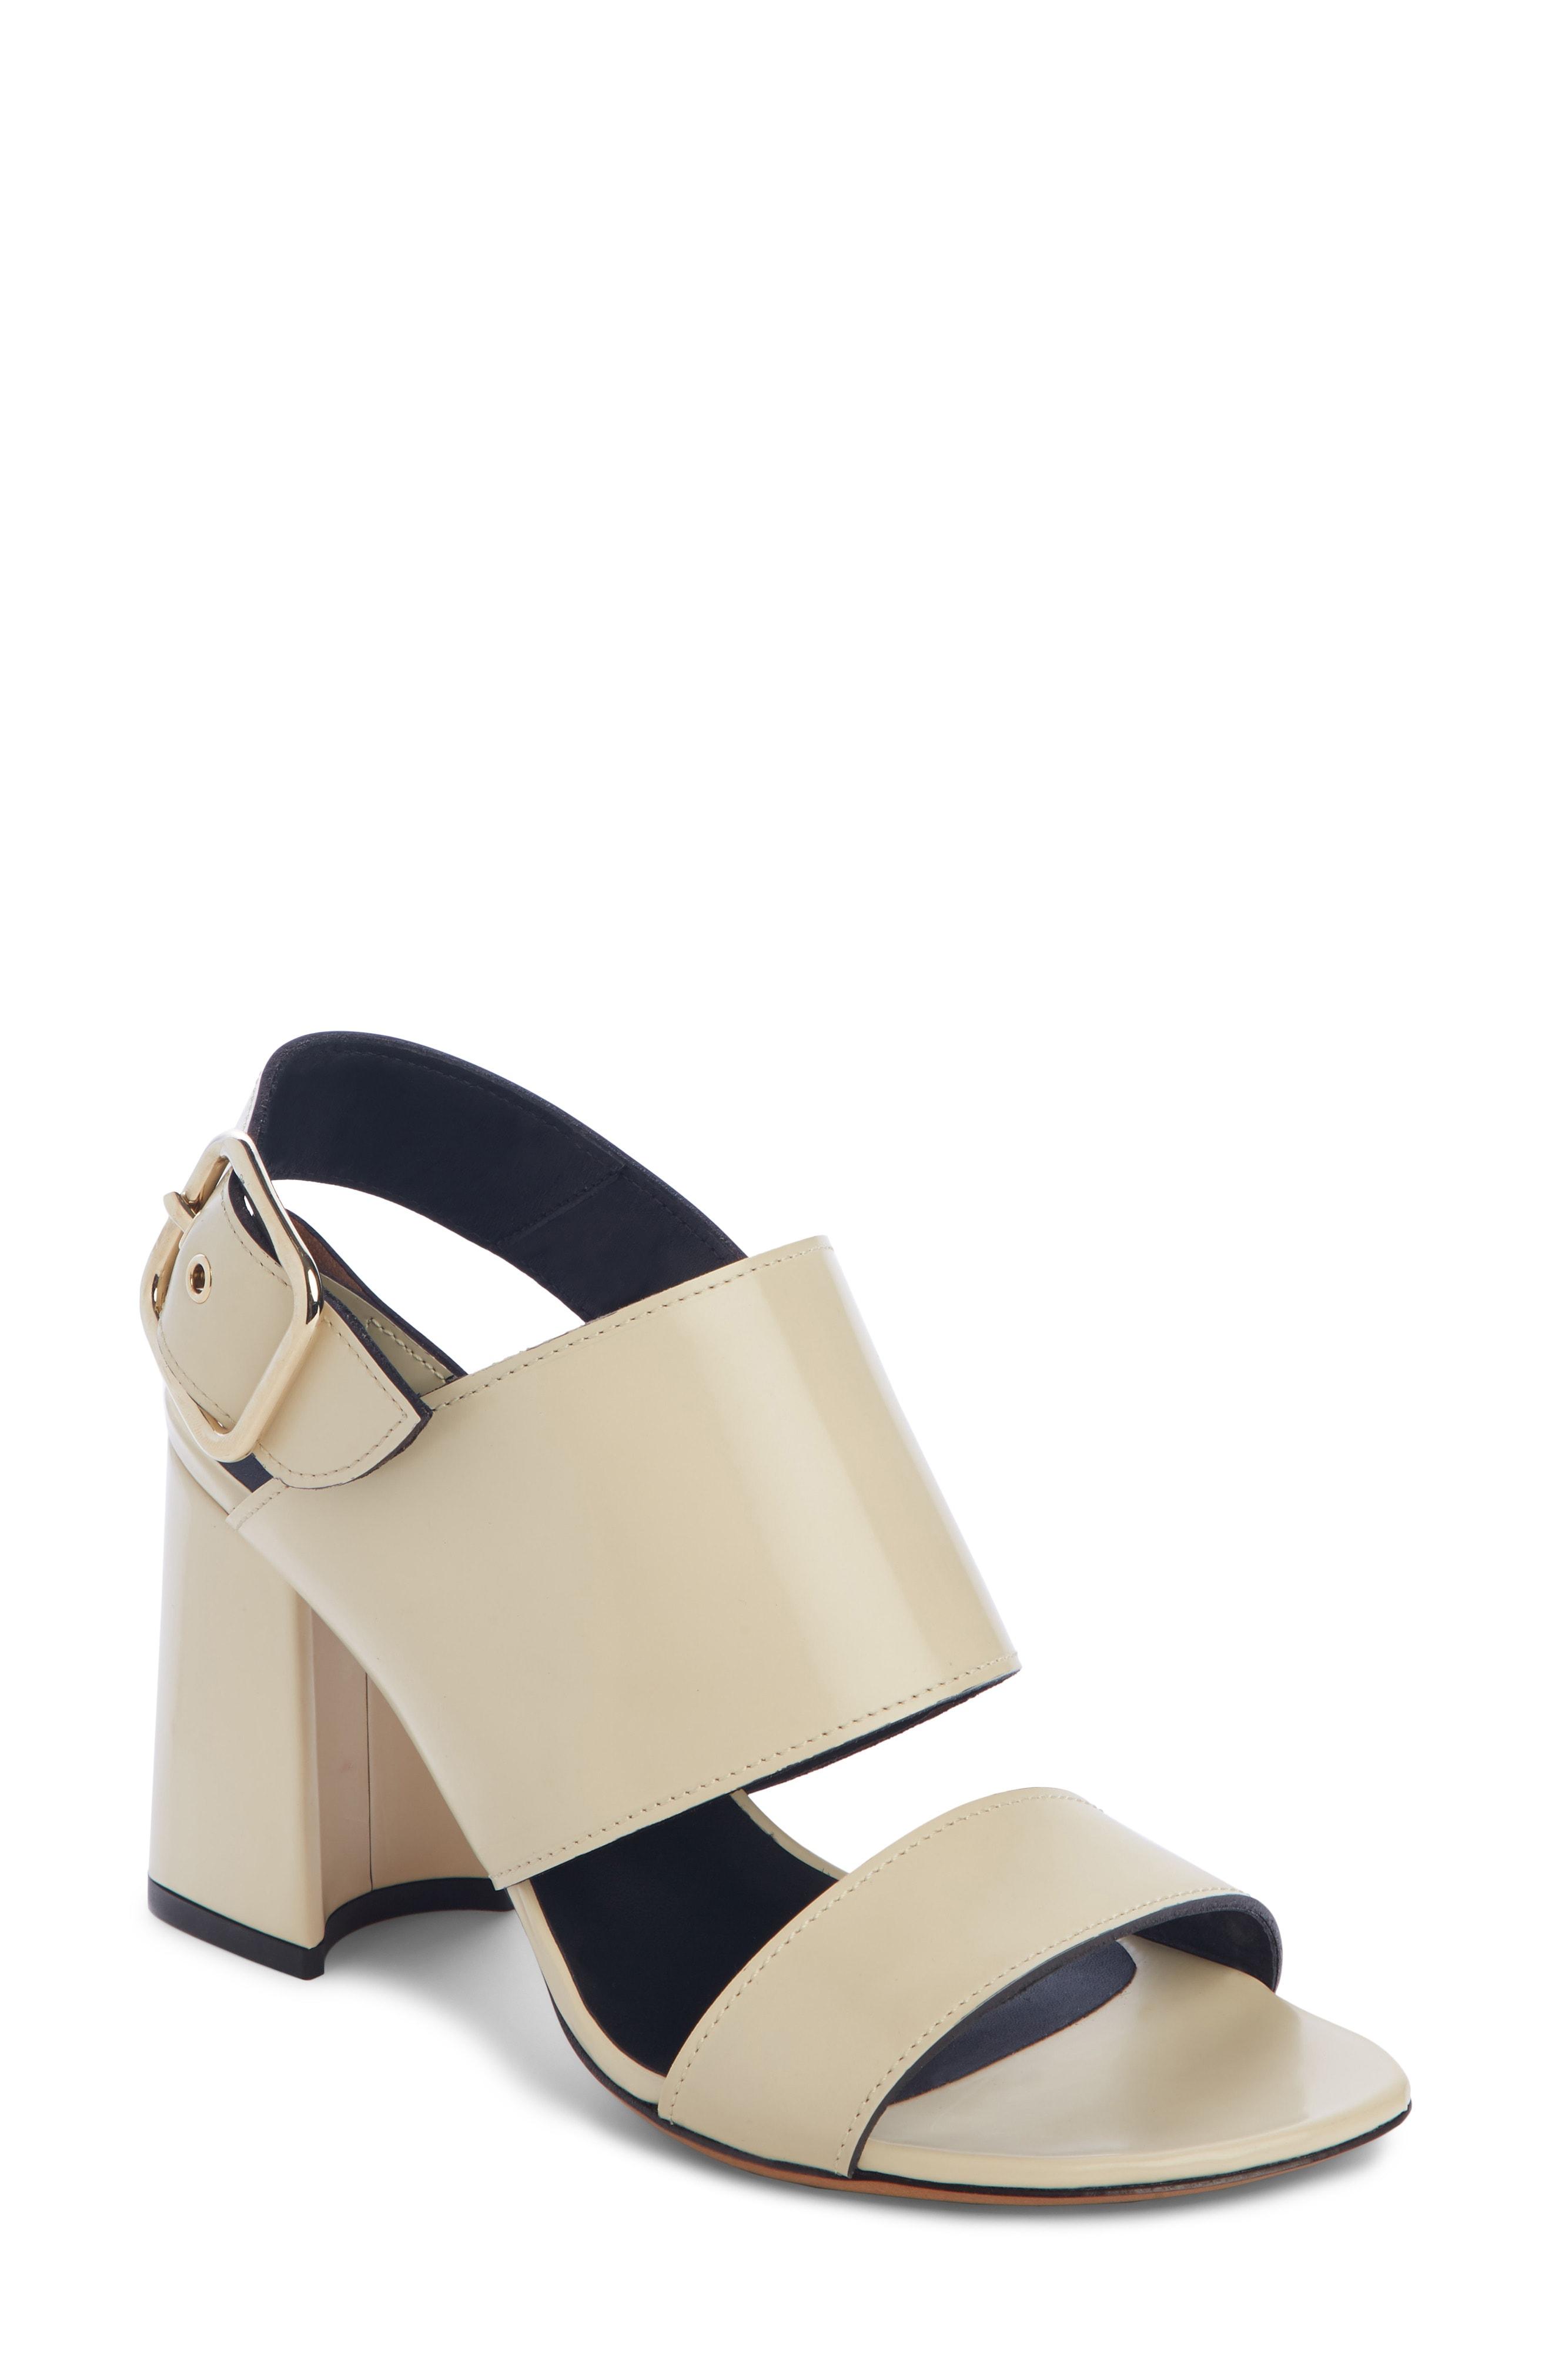 Women's Dries Van Noten Shoes   Nordstrom